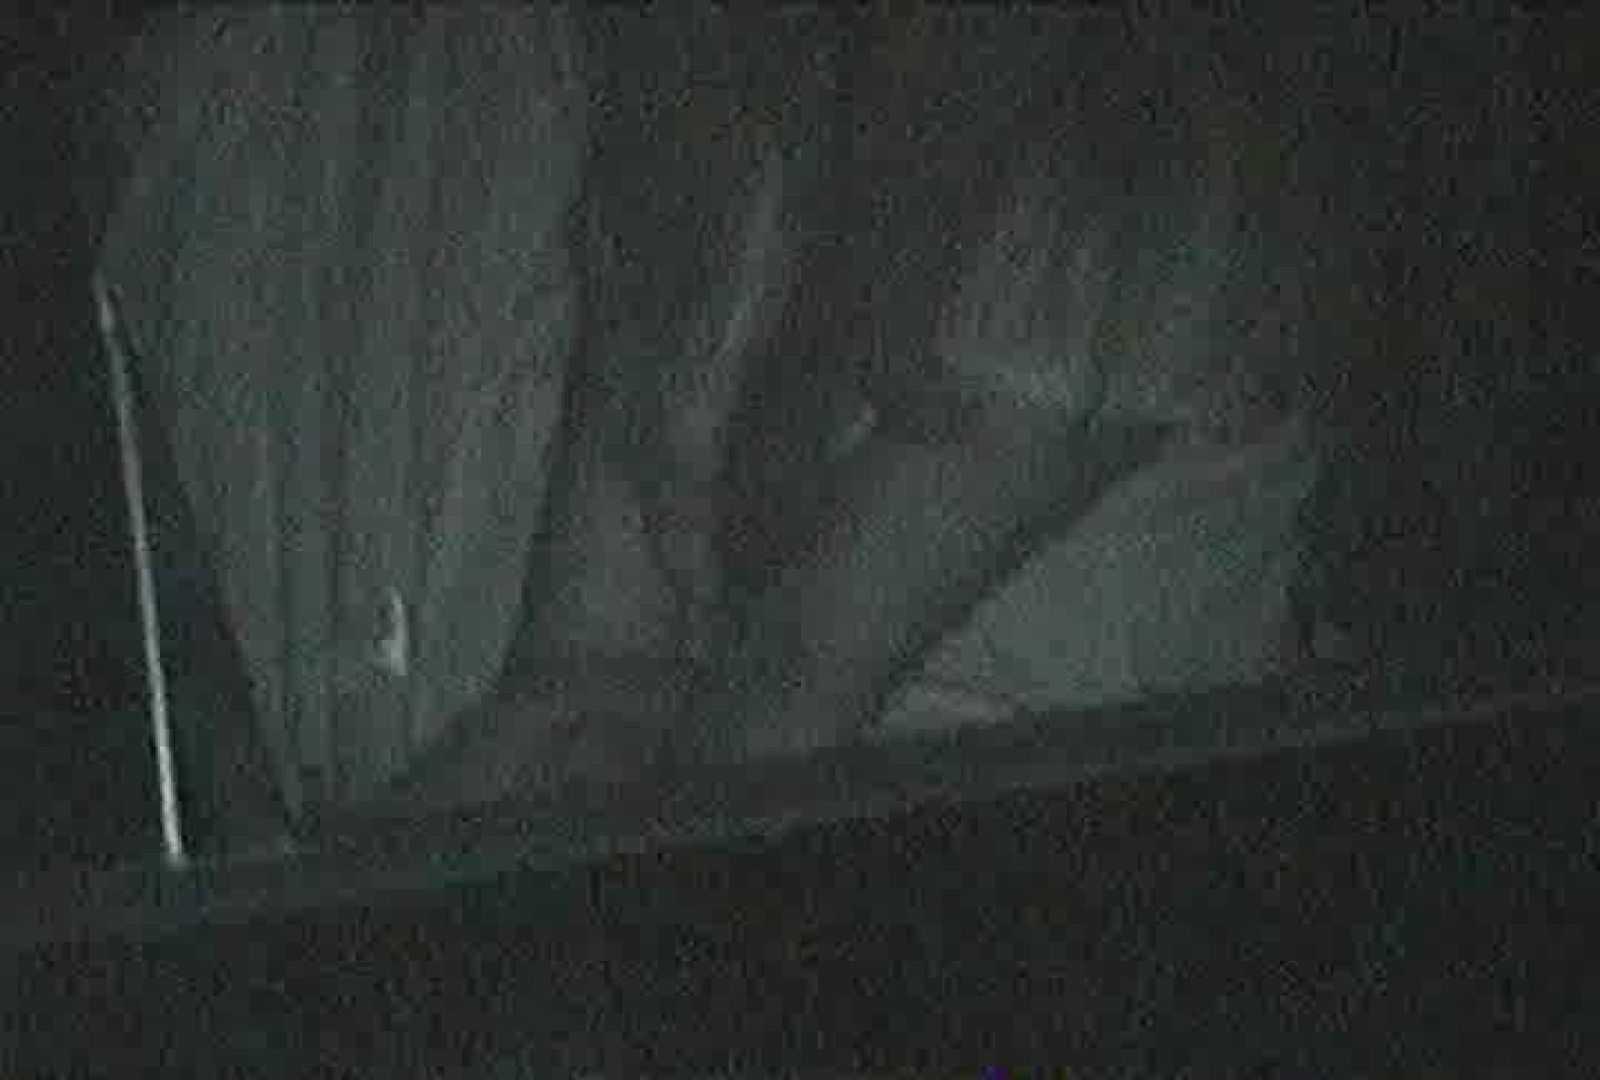 充血監督の深夜の運動会Vol.87 マンコ・ムレムレ | 美しいOLの裸体  83pic 1